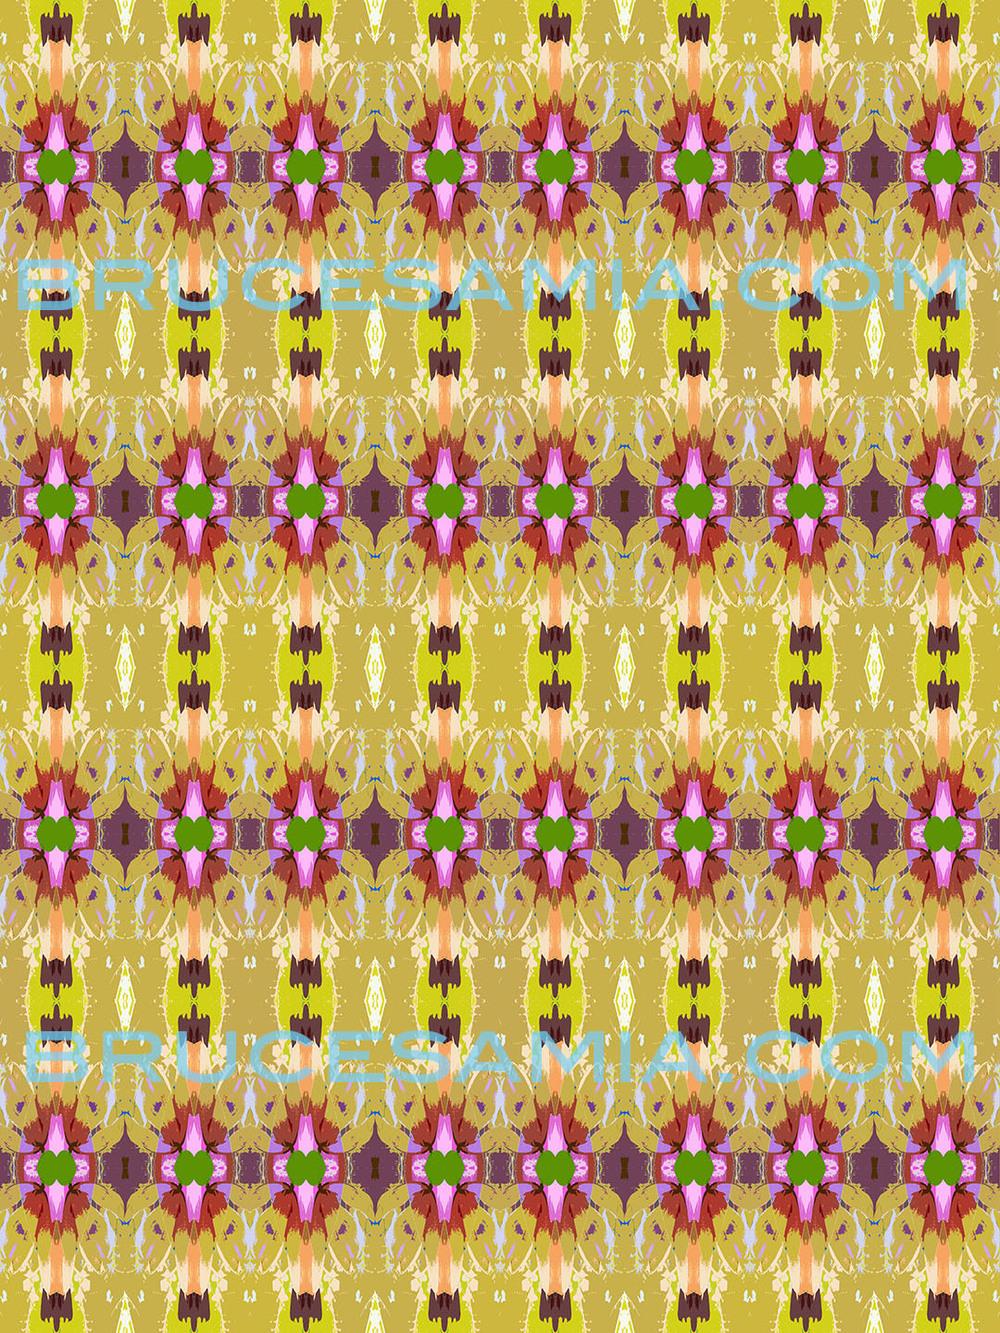 9.stripe-fleur-yellow-24x32